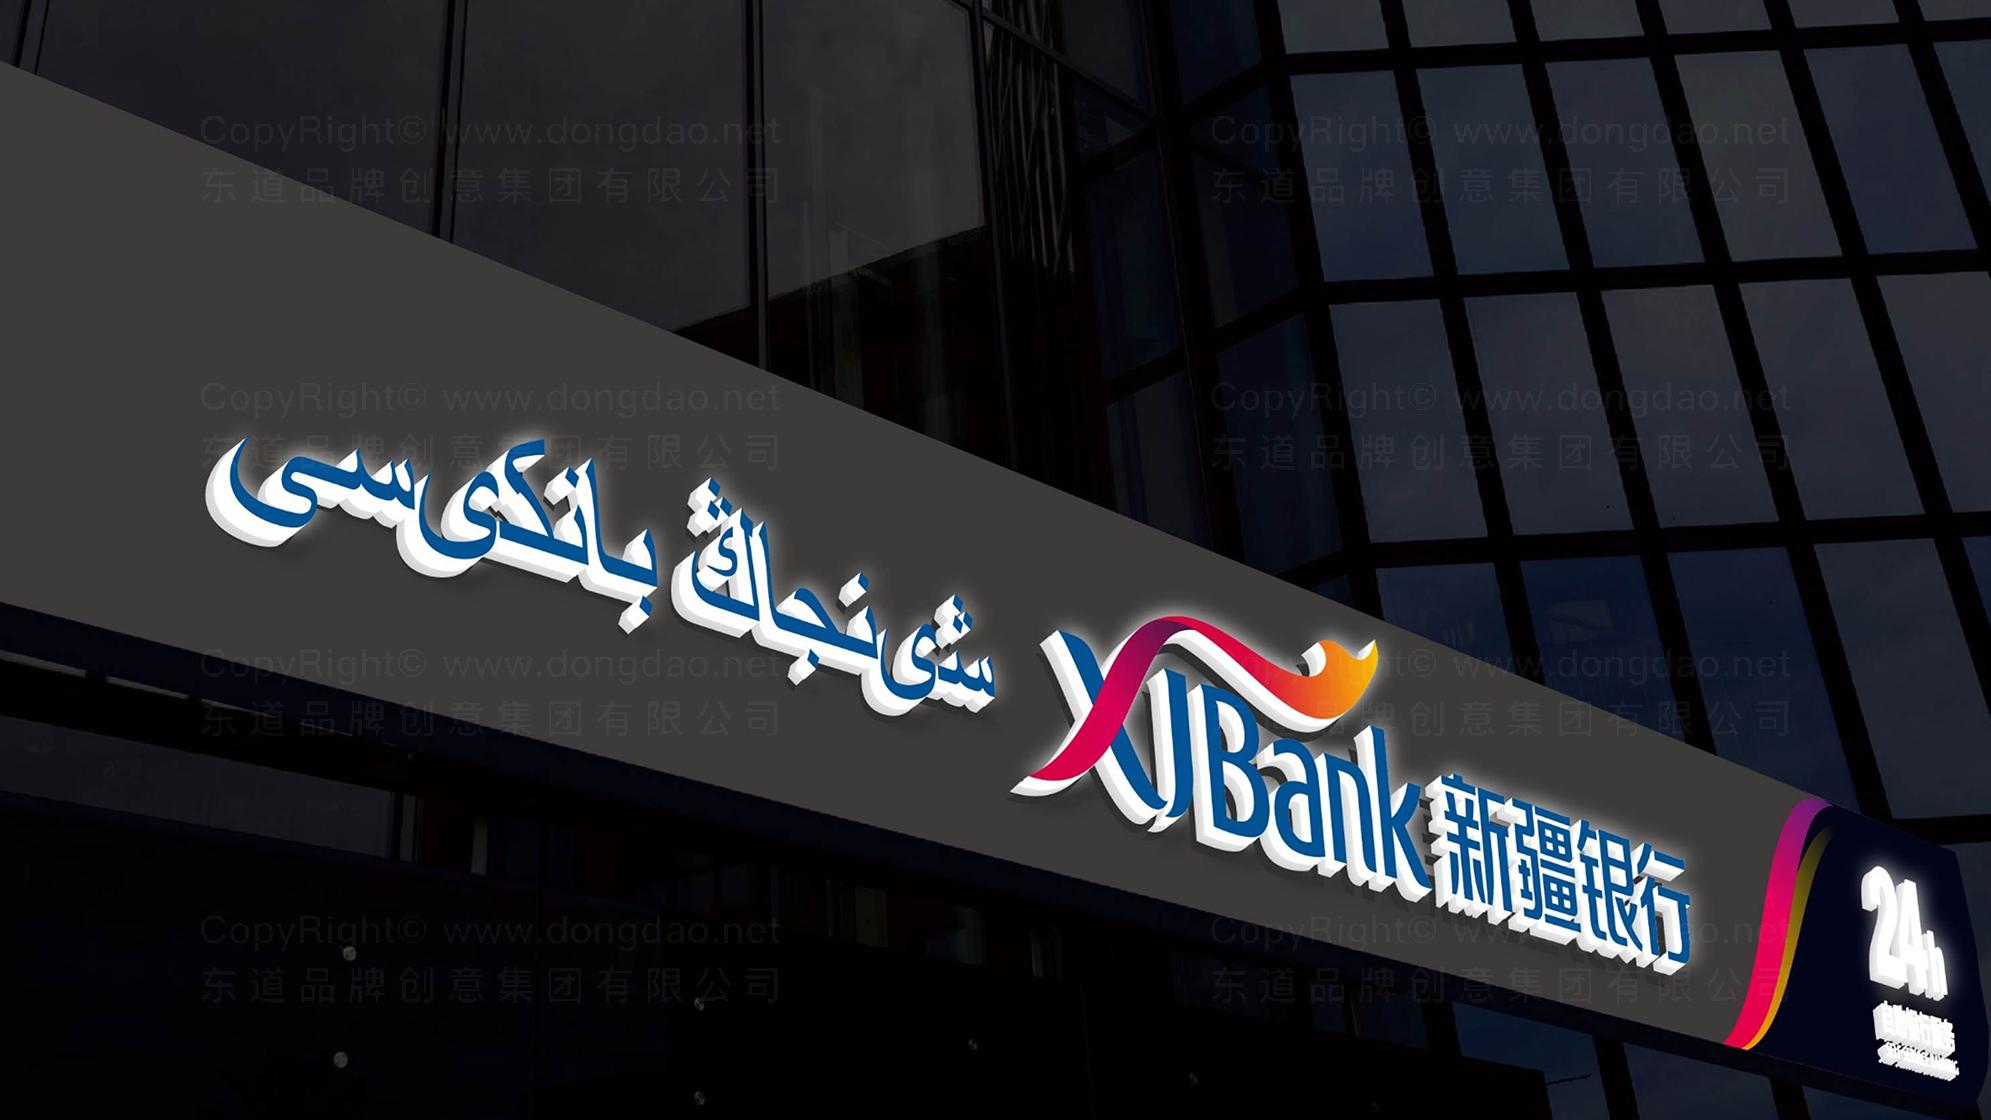 品牌设计新疆银行LOGO&VI设计应用场景_3